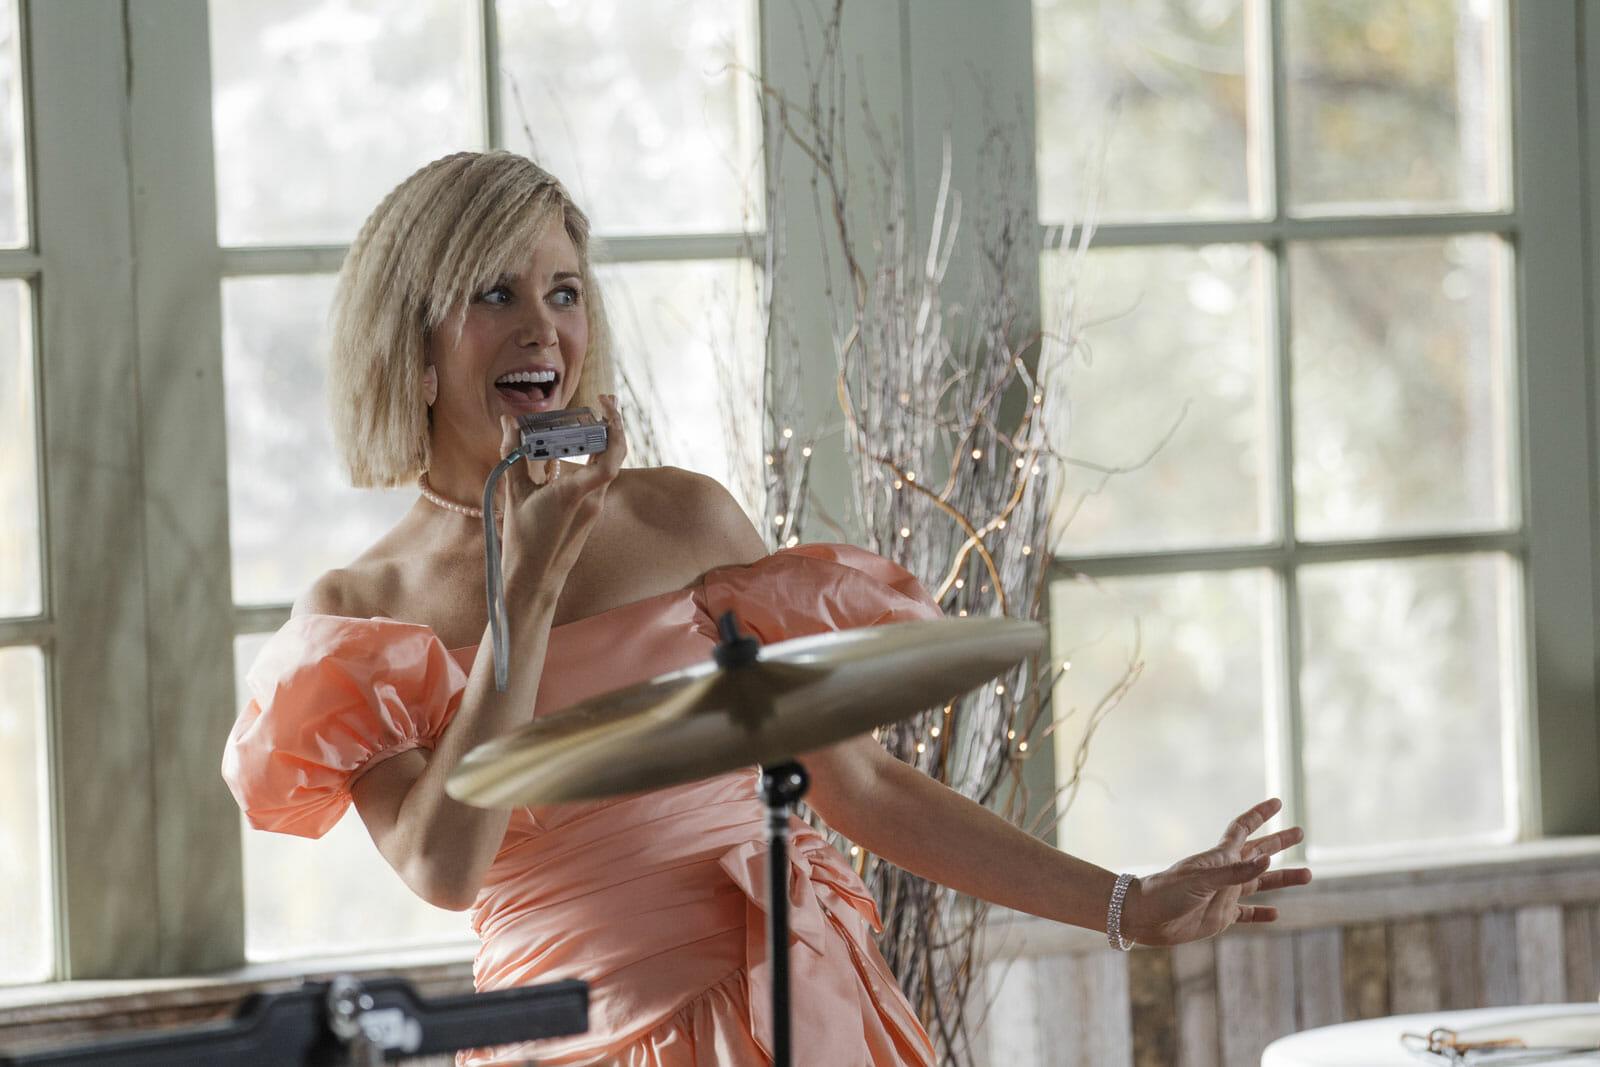 Wet-Hot-American-Summer-Ten-Years-Later-Kristen-Wiig